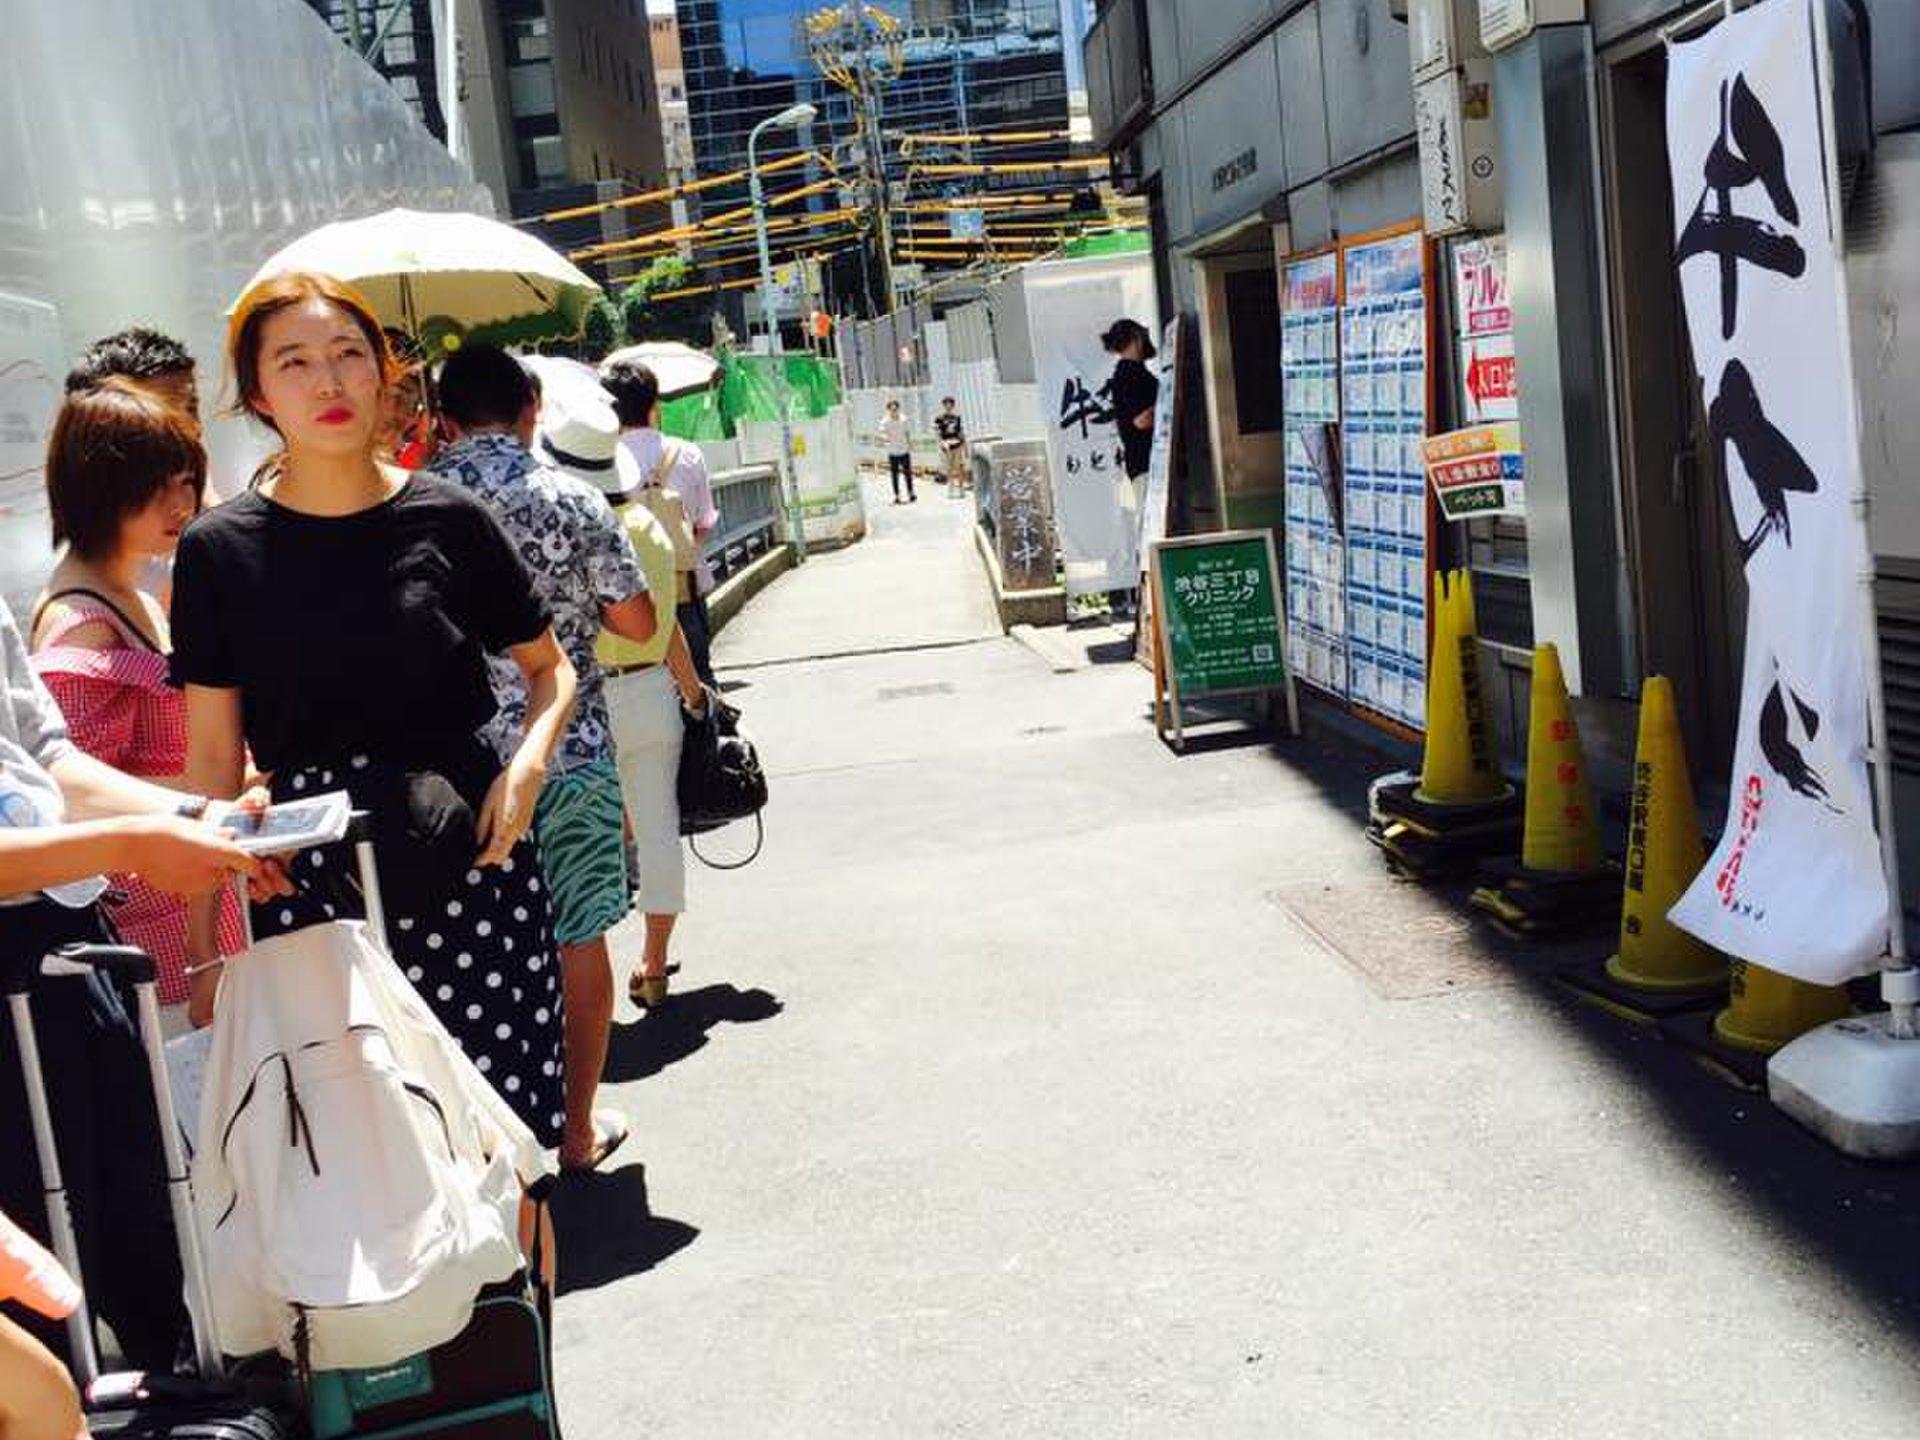 【並んででも食べたい!】行列のできるグルメスポット7選〜お寿司・肉・スイーツ編〜